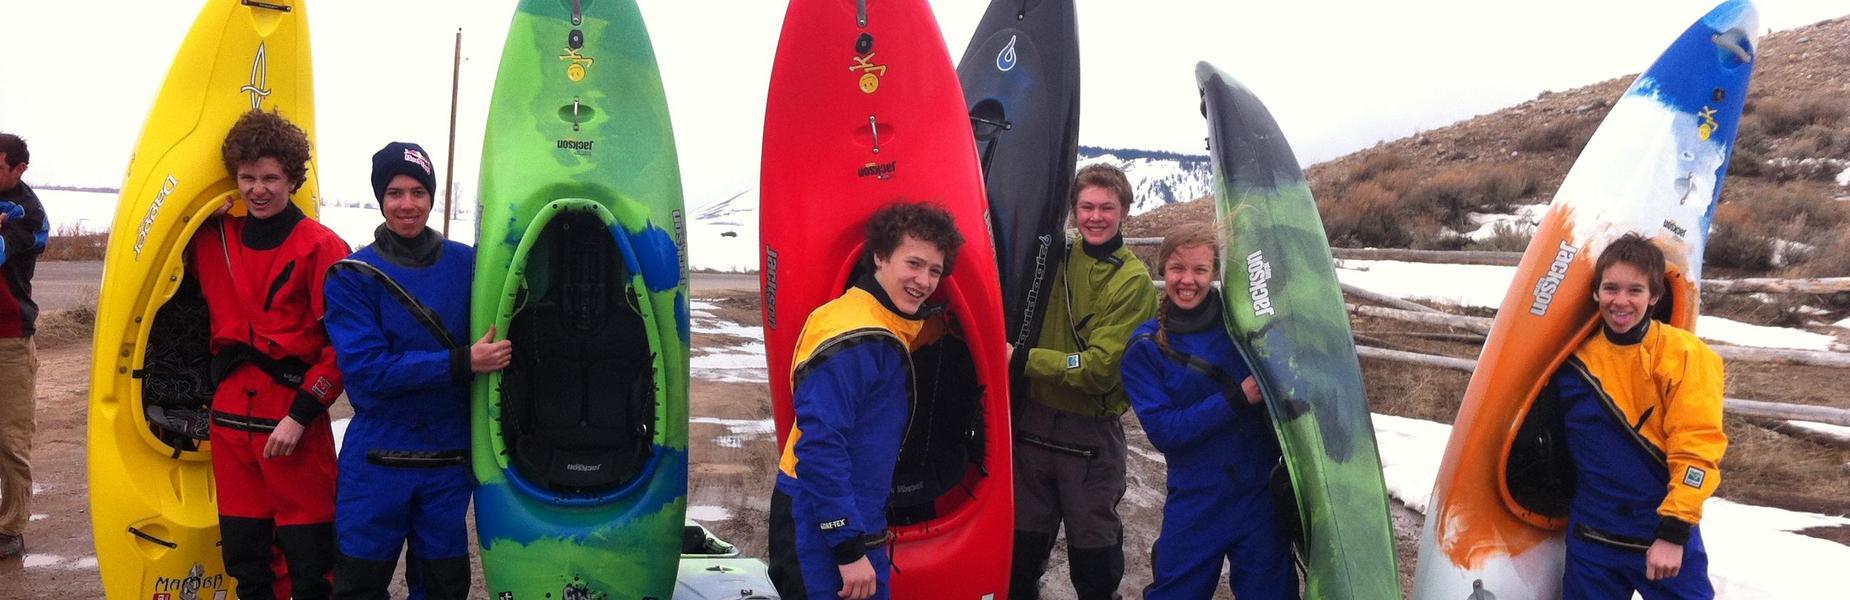 JHCS kayak